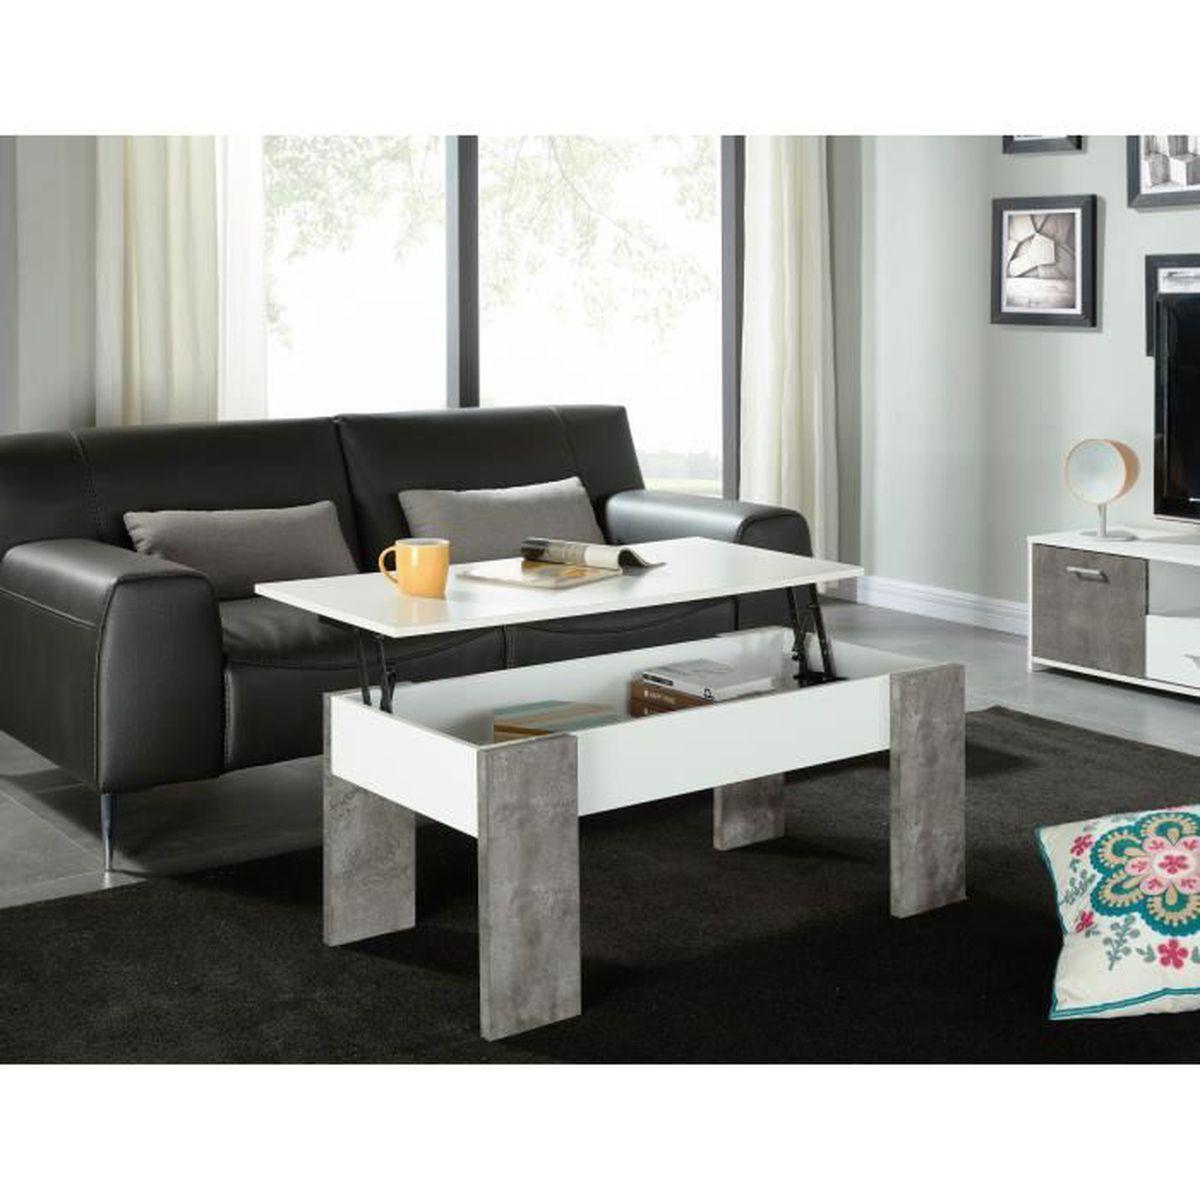 Basile table basse plateau relevable 100x50 cm blanc for Table basse plateau relevable but